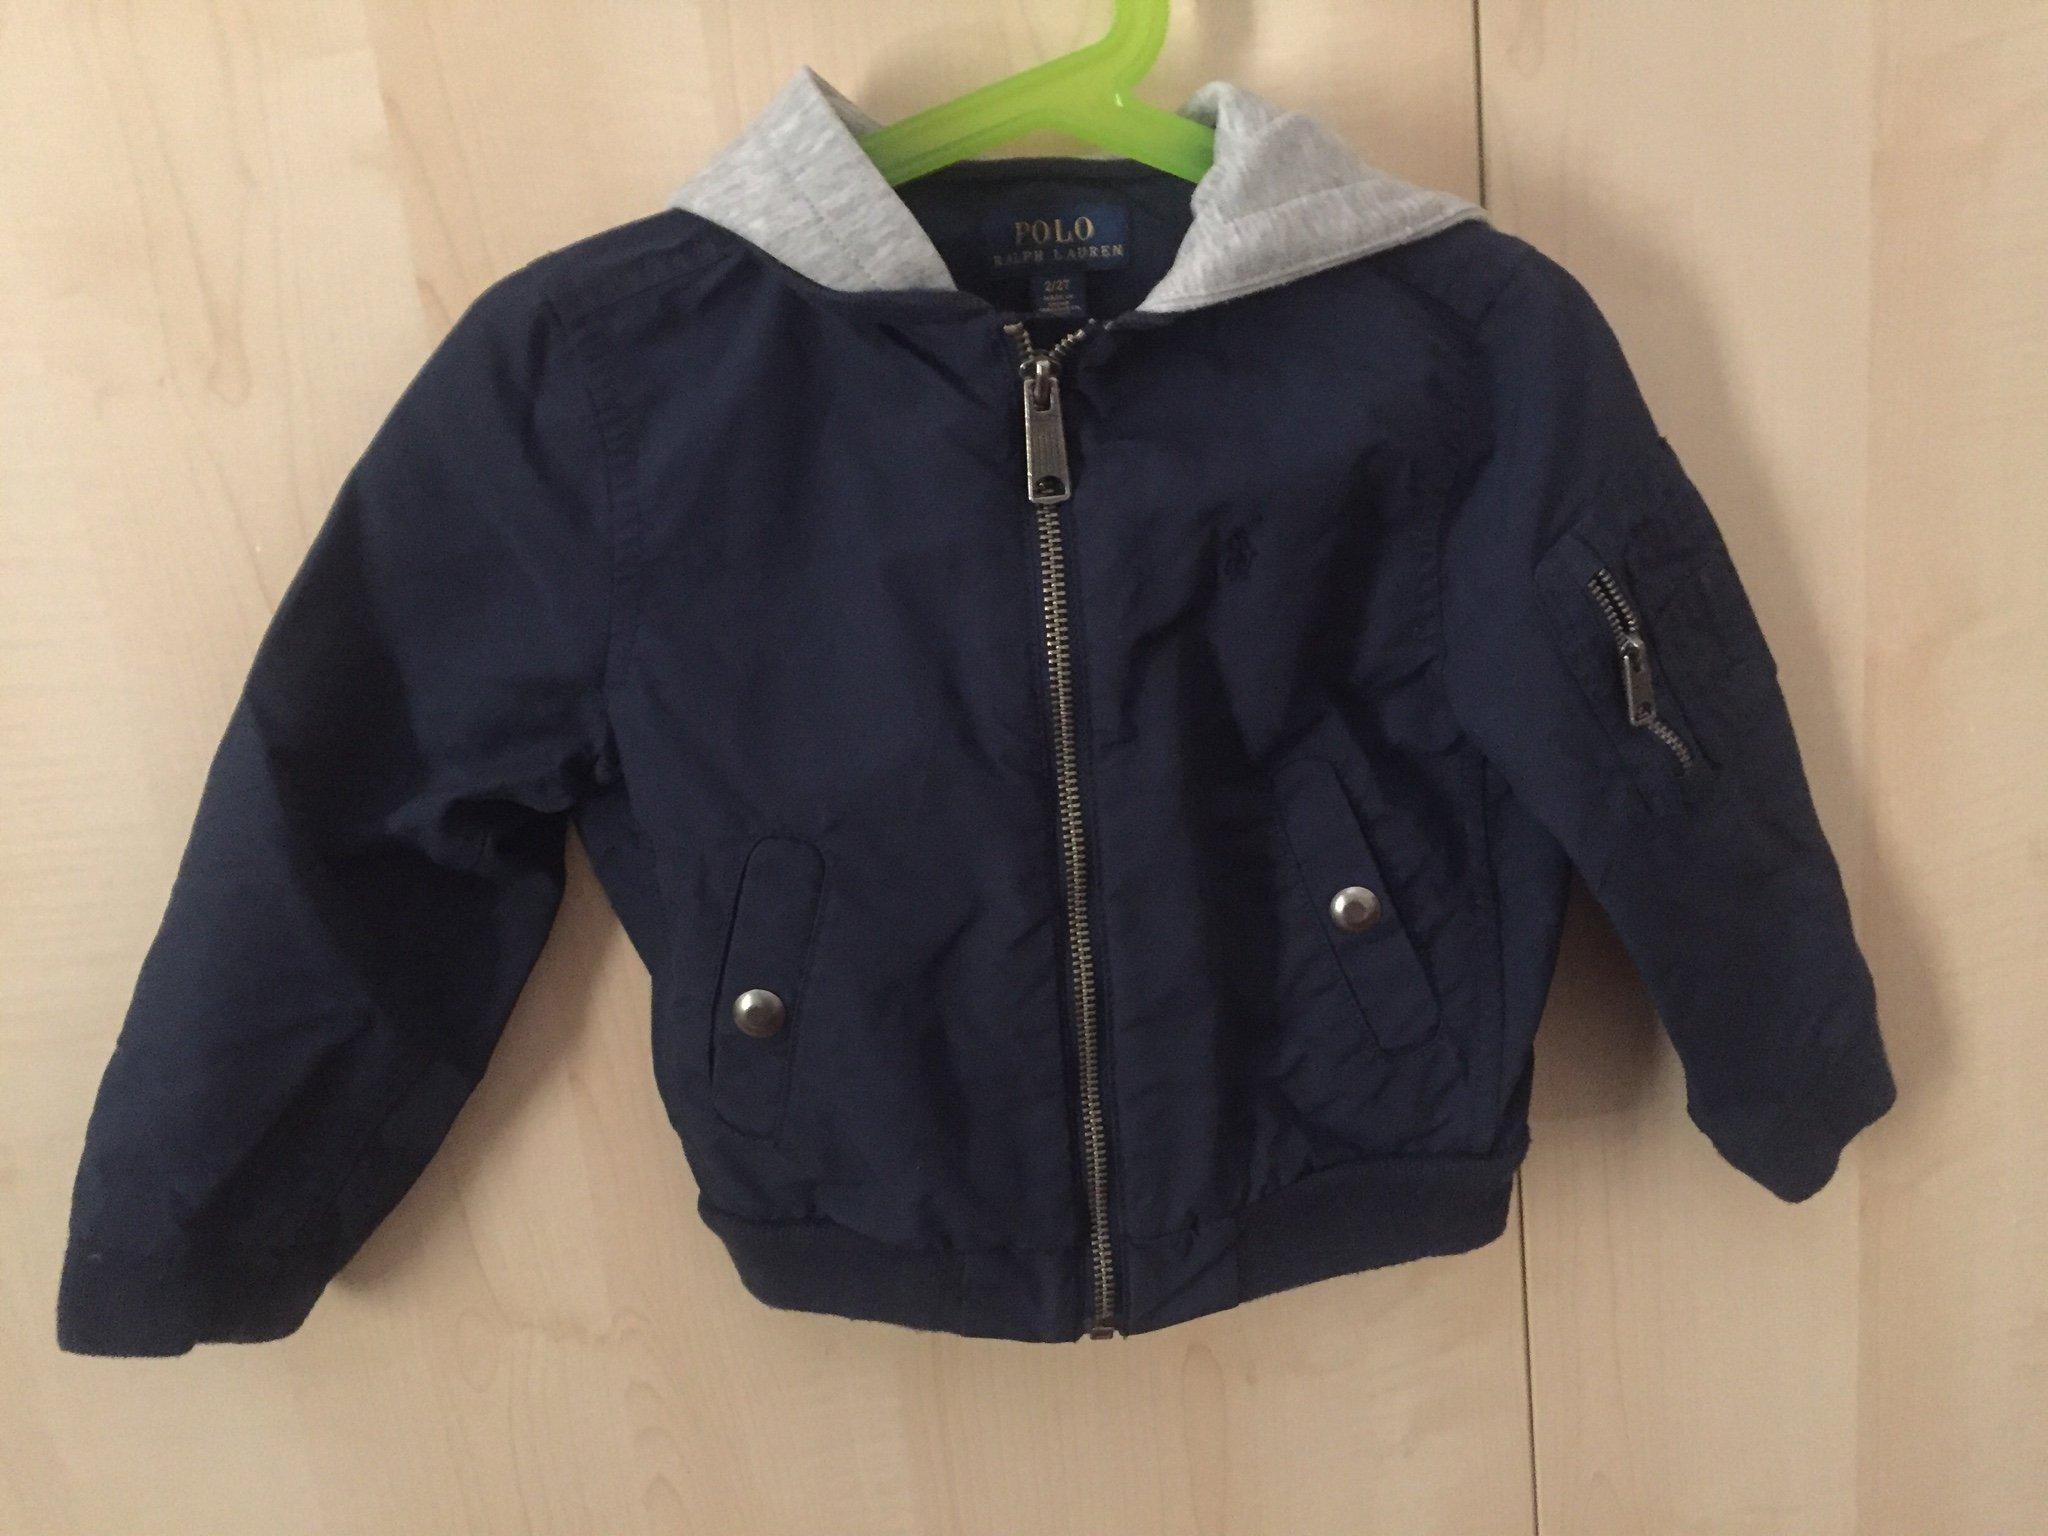 bästa kvalitet låga priser officiell webbplats Ralp Lauren mörkblå jacka ytterkläder höst barn.. (361107345) ᐈ ...